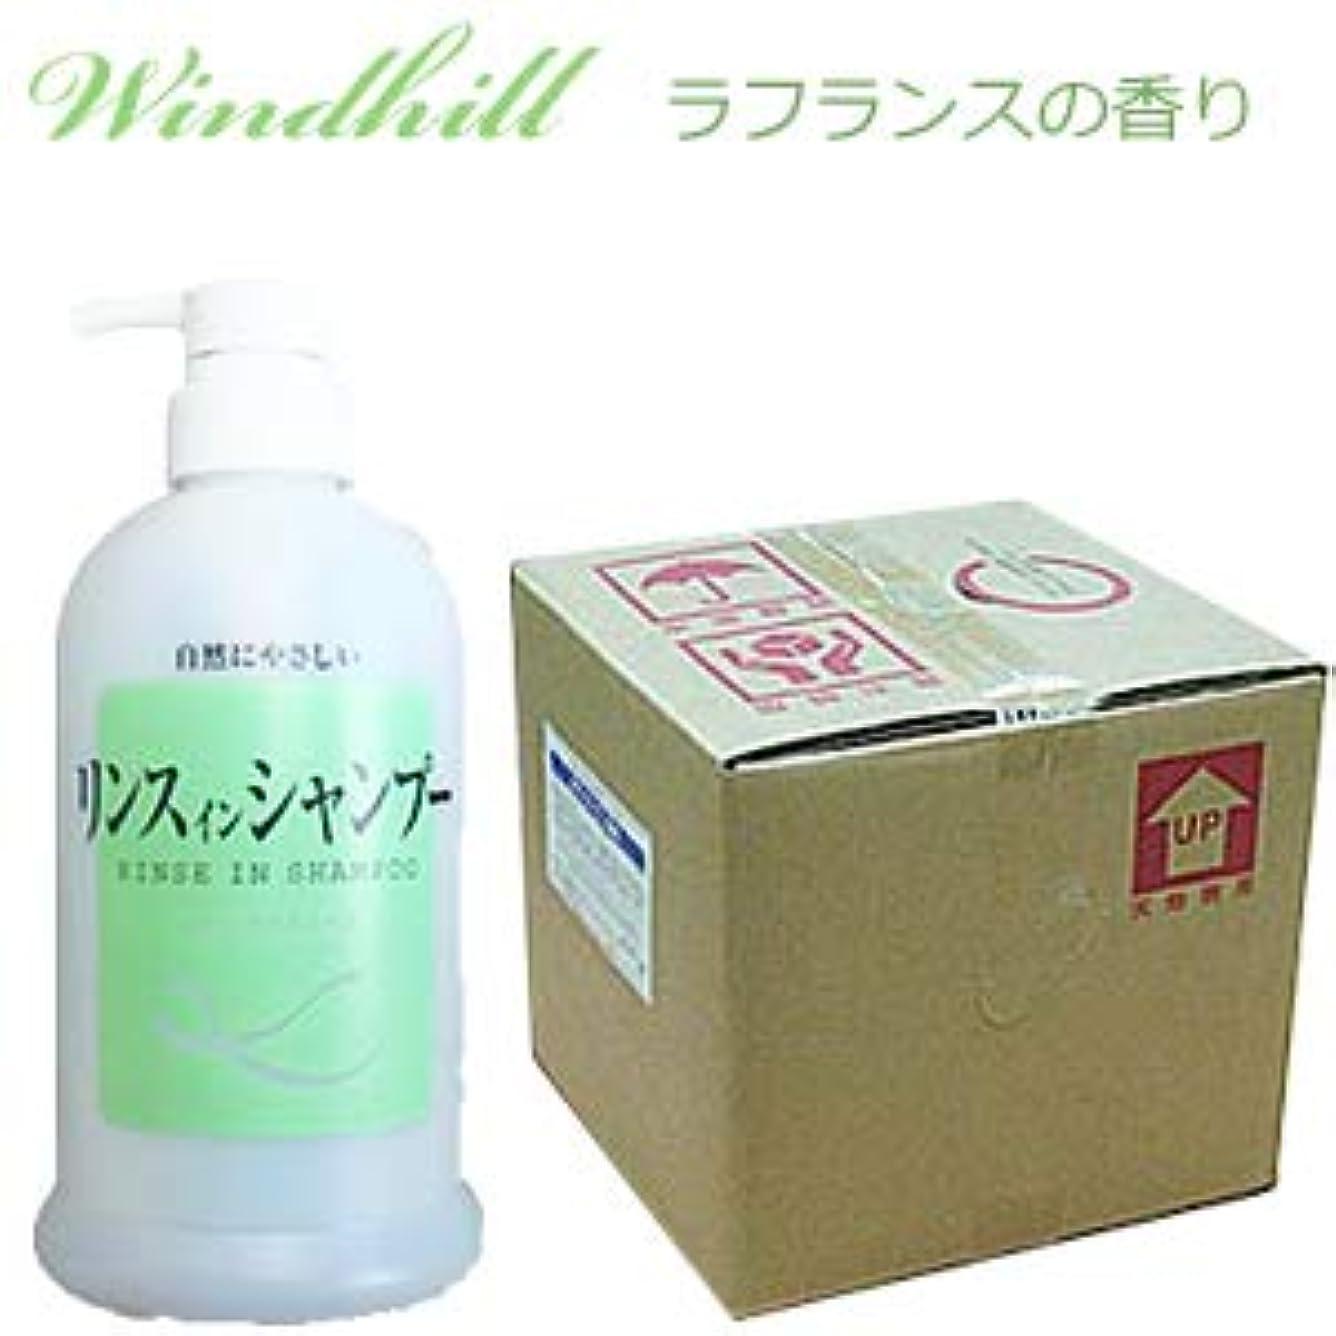 母アラブサラボ適応的500ml当り173円 Windhill 植物性 業務用 リンスイン シャンプー 爽やかなラフランスの香り 20L